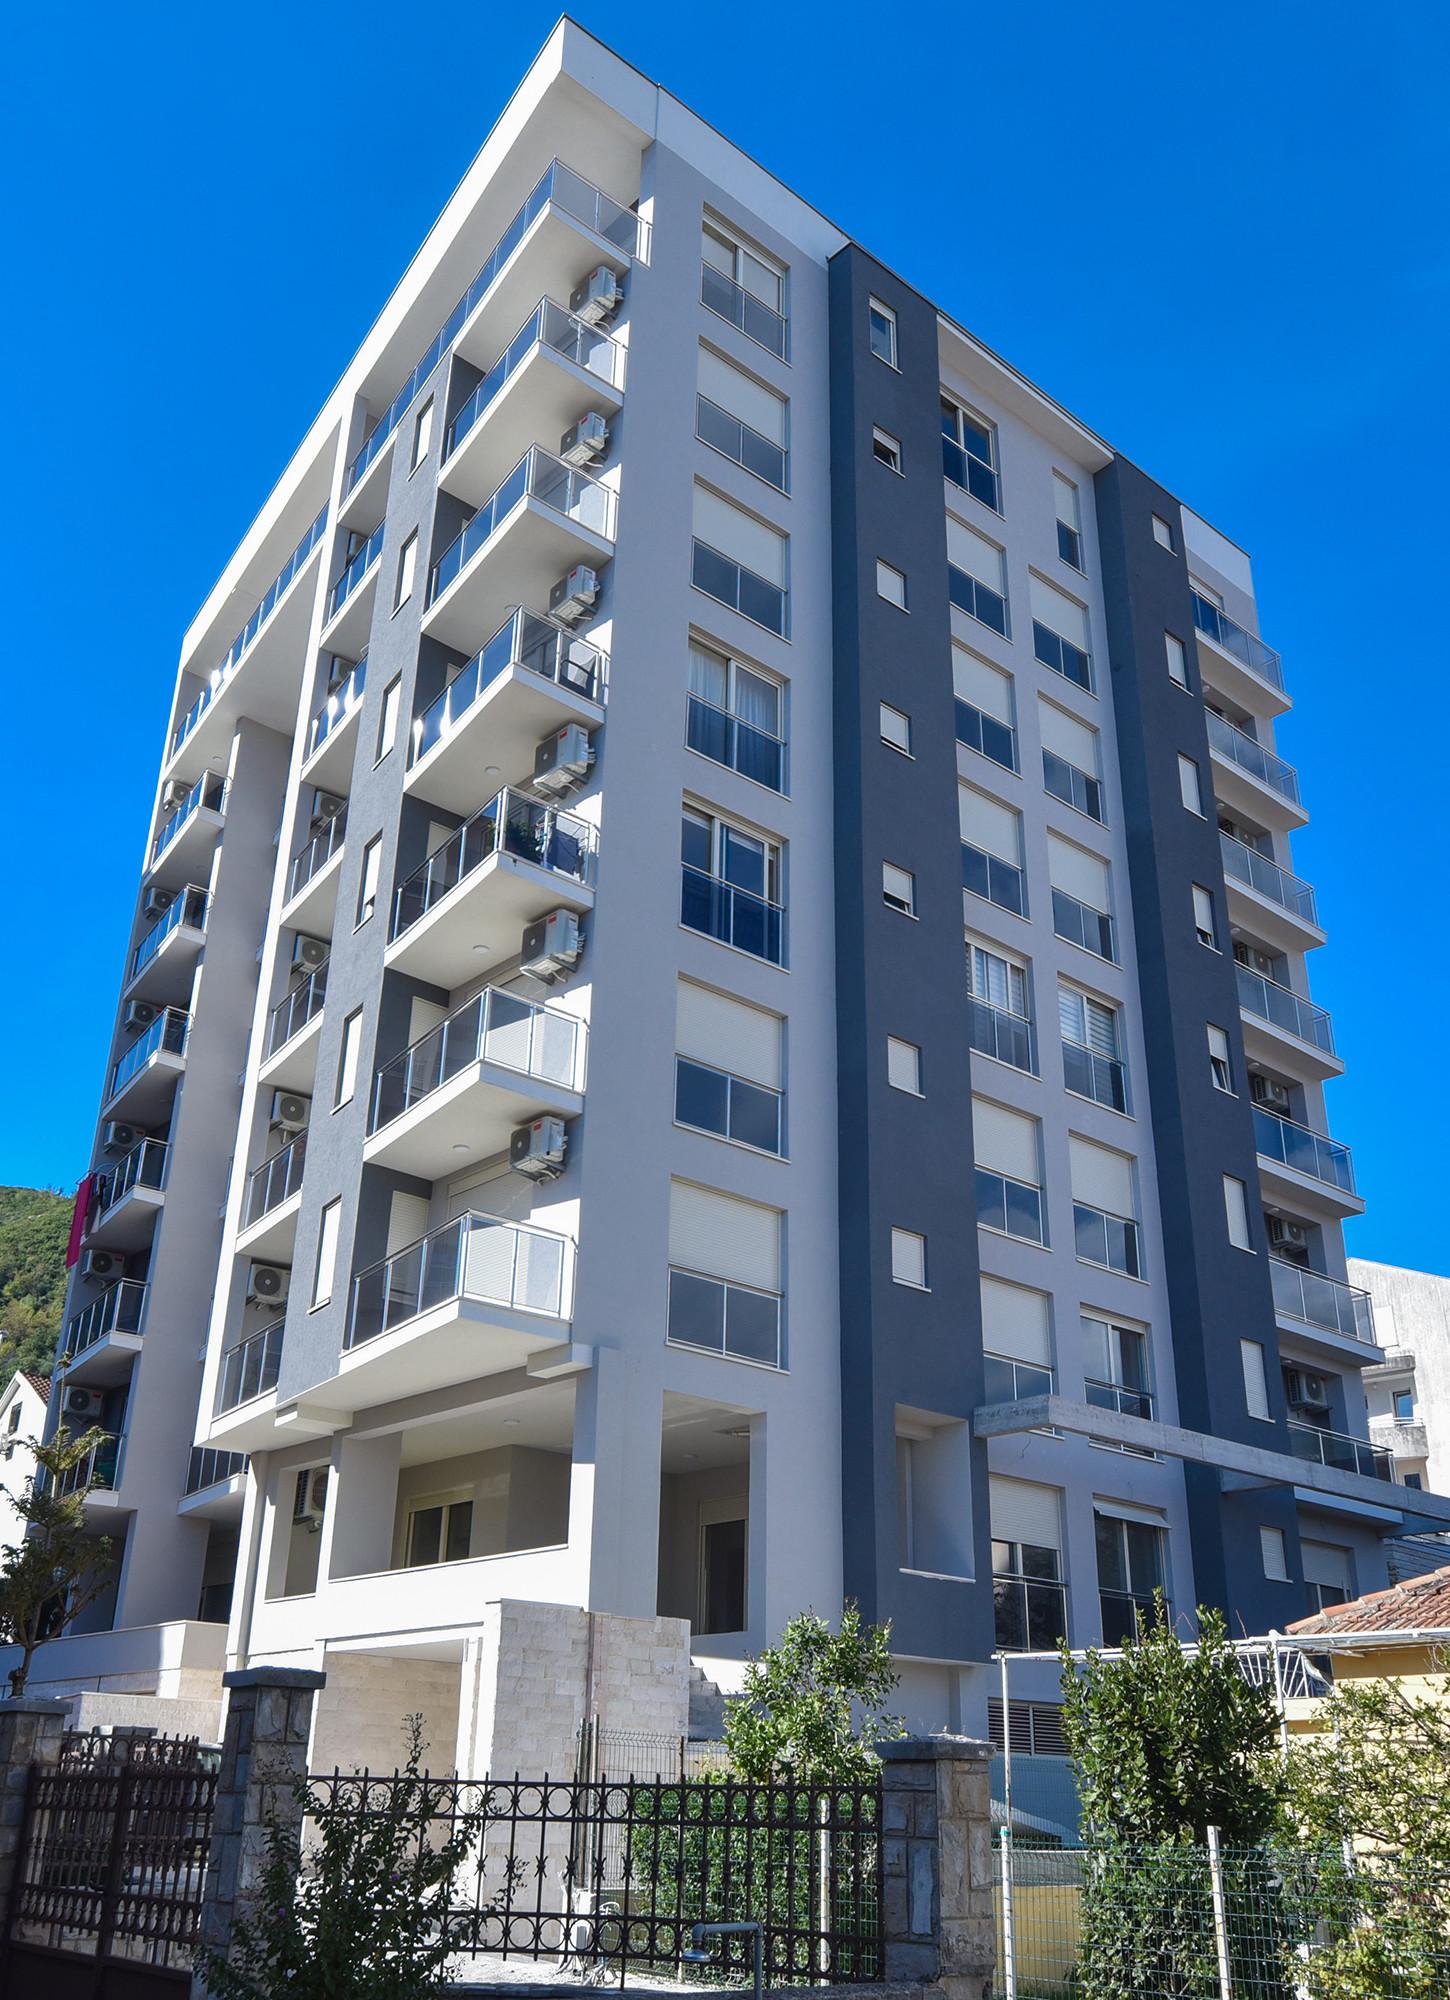 Projekt:<b>                                             Apartmanski objekat - Budva                                             </b>